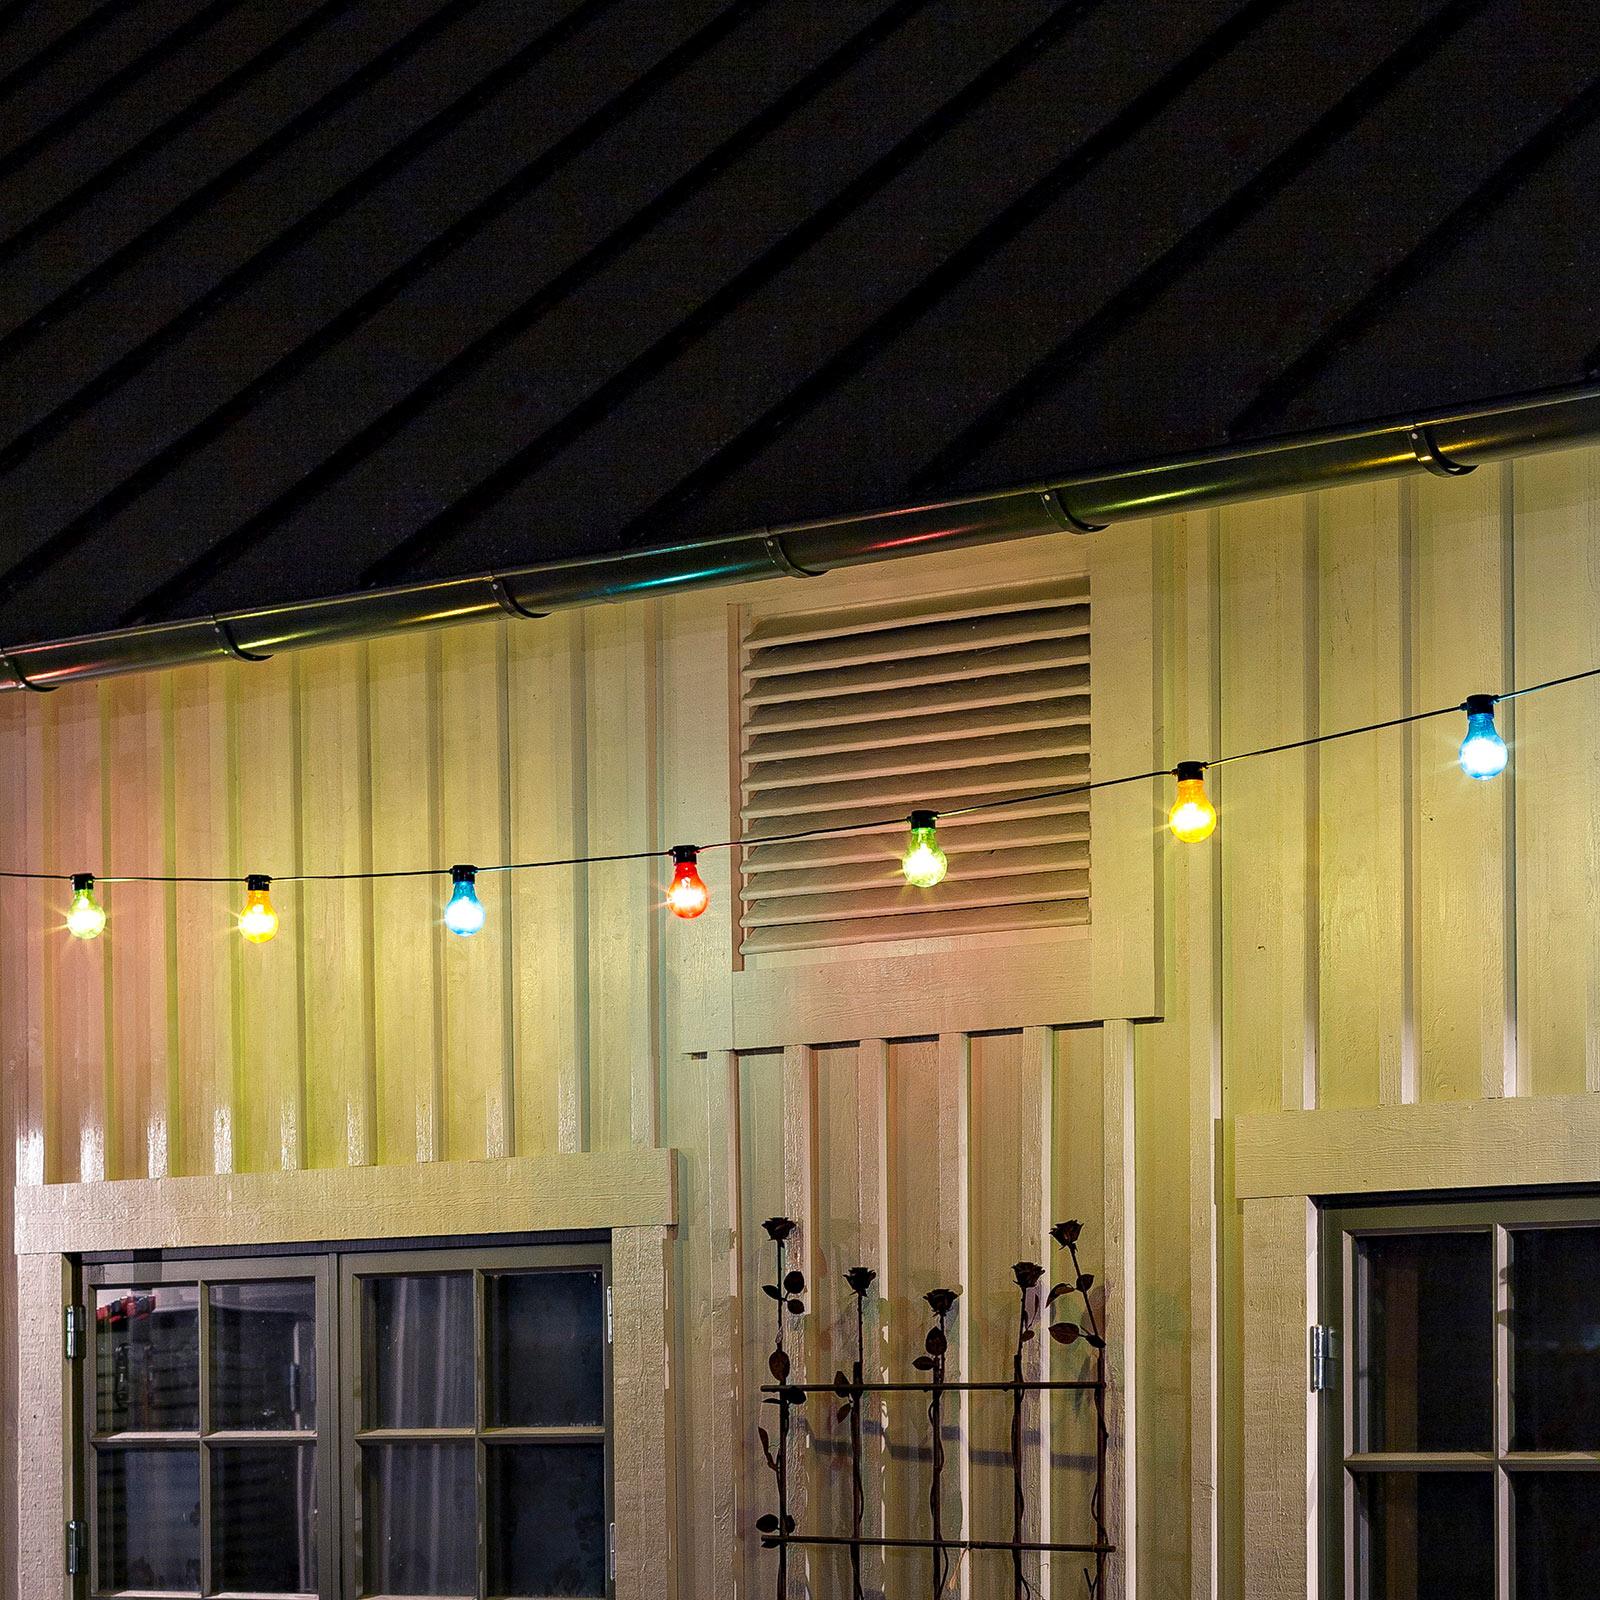 Lichtketting Biergarten 10 kleurrijke LED lampen